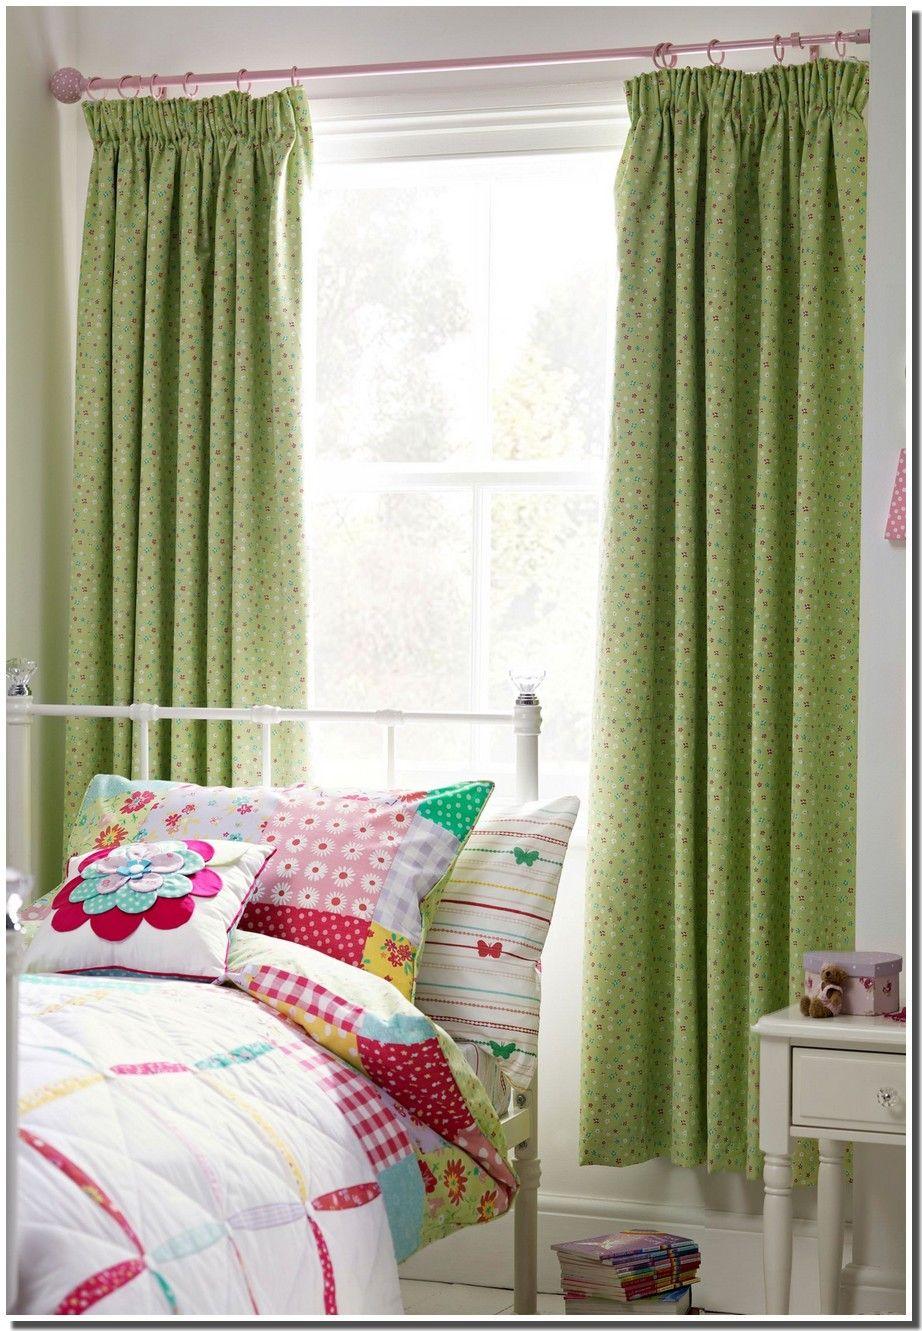 rideaux pour chambre fillette chez 3 suisses d co chambre juliette pinterest. Black Bedroom Furniture Sets. Home Design Ideas